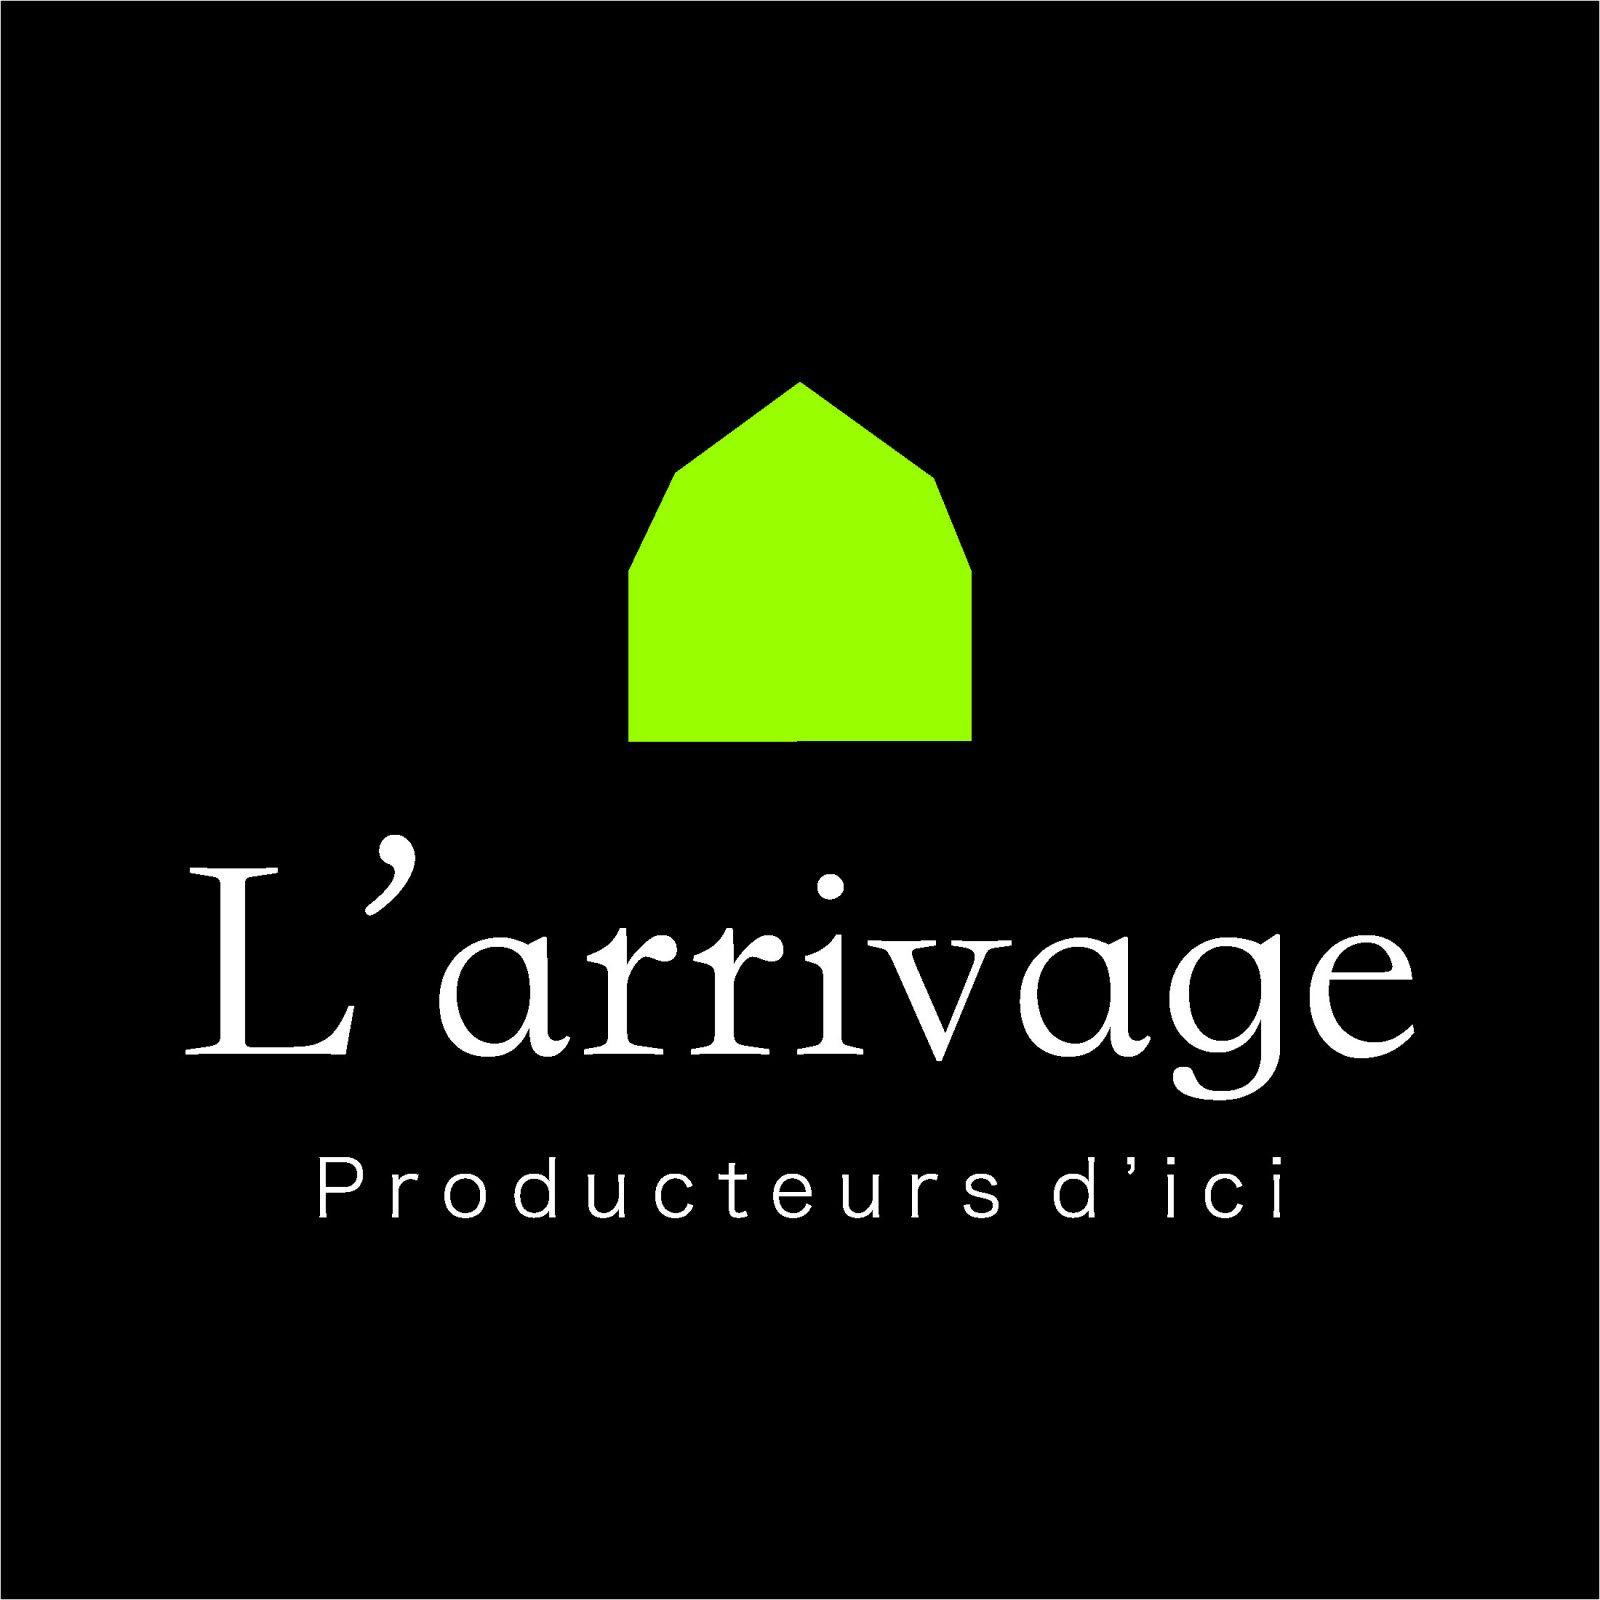 Un collectif de producteurs voit le jour à Saint-Mathieu-de-Beloeil